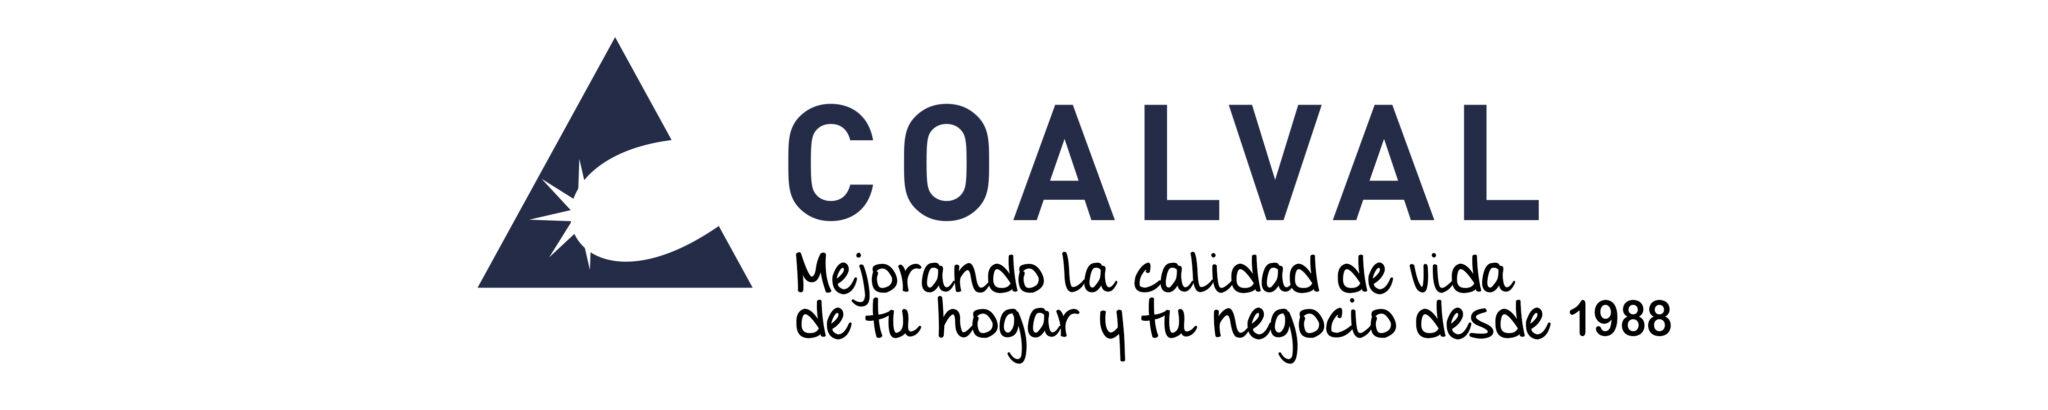 COALVAL